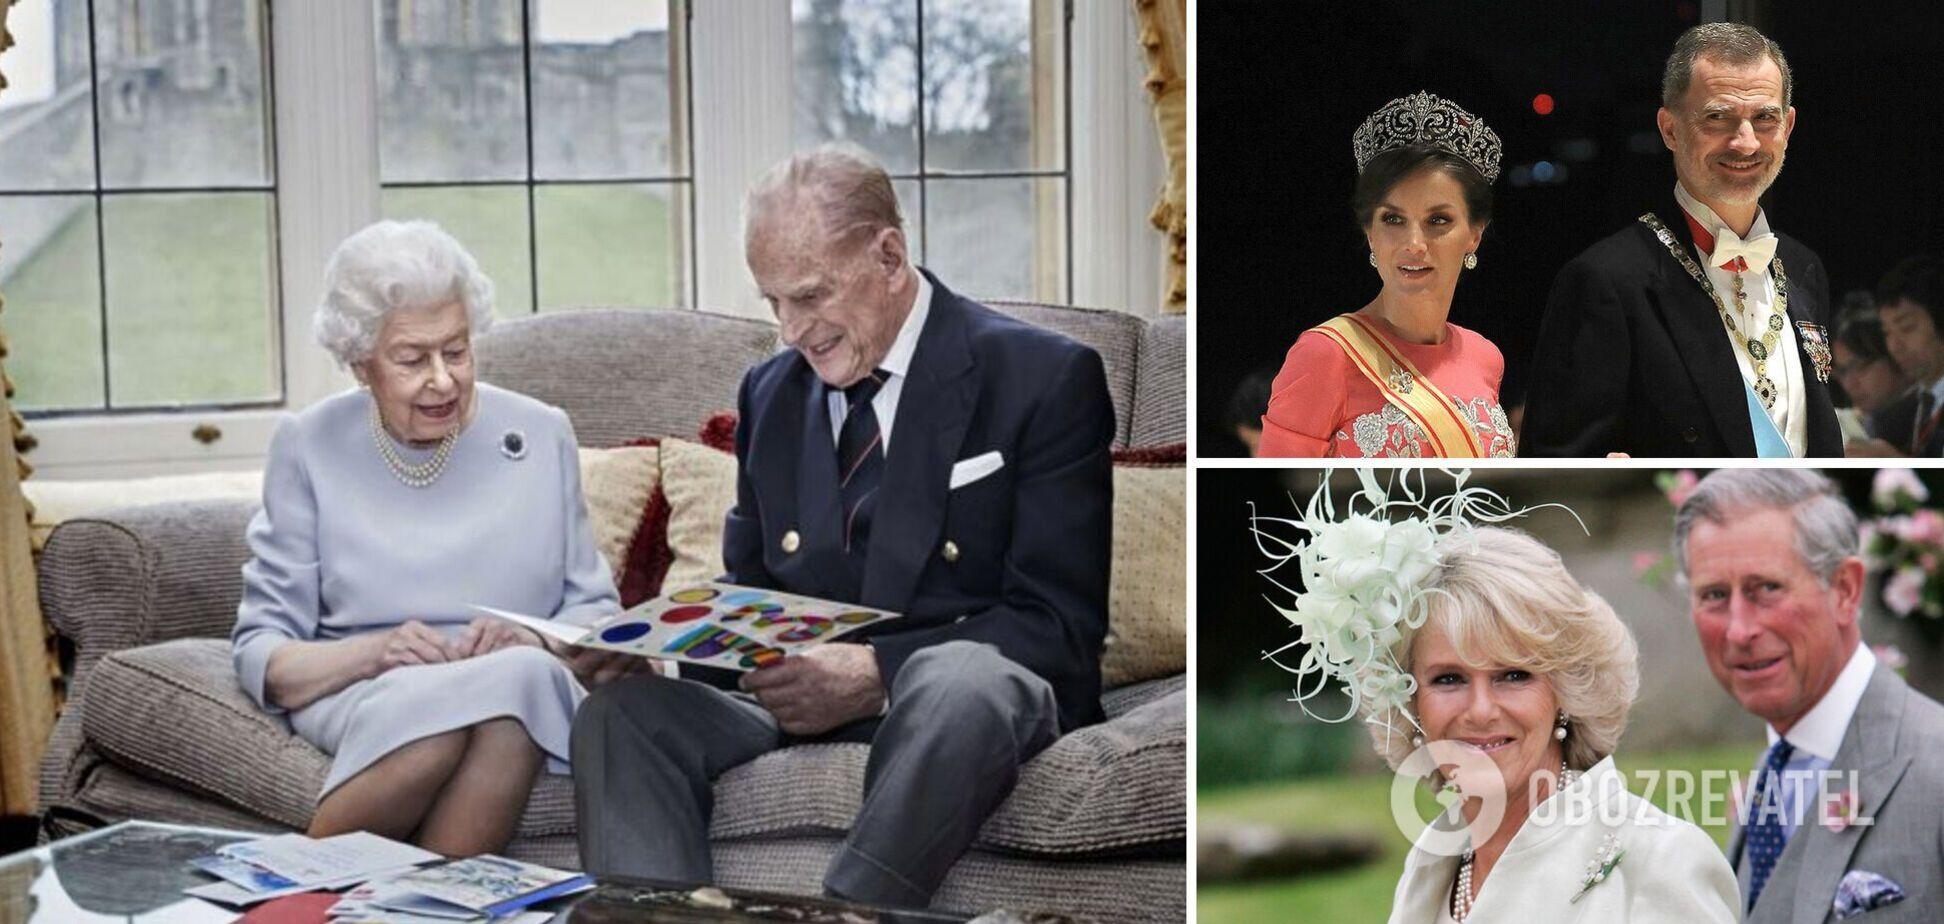 Міддлтон, Єлизавета II та інші: хто з членів королівської сім'ї вакцинувався від COVID-19